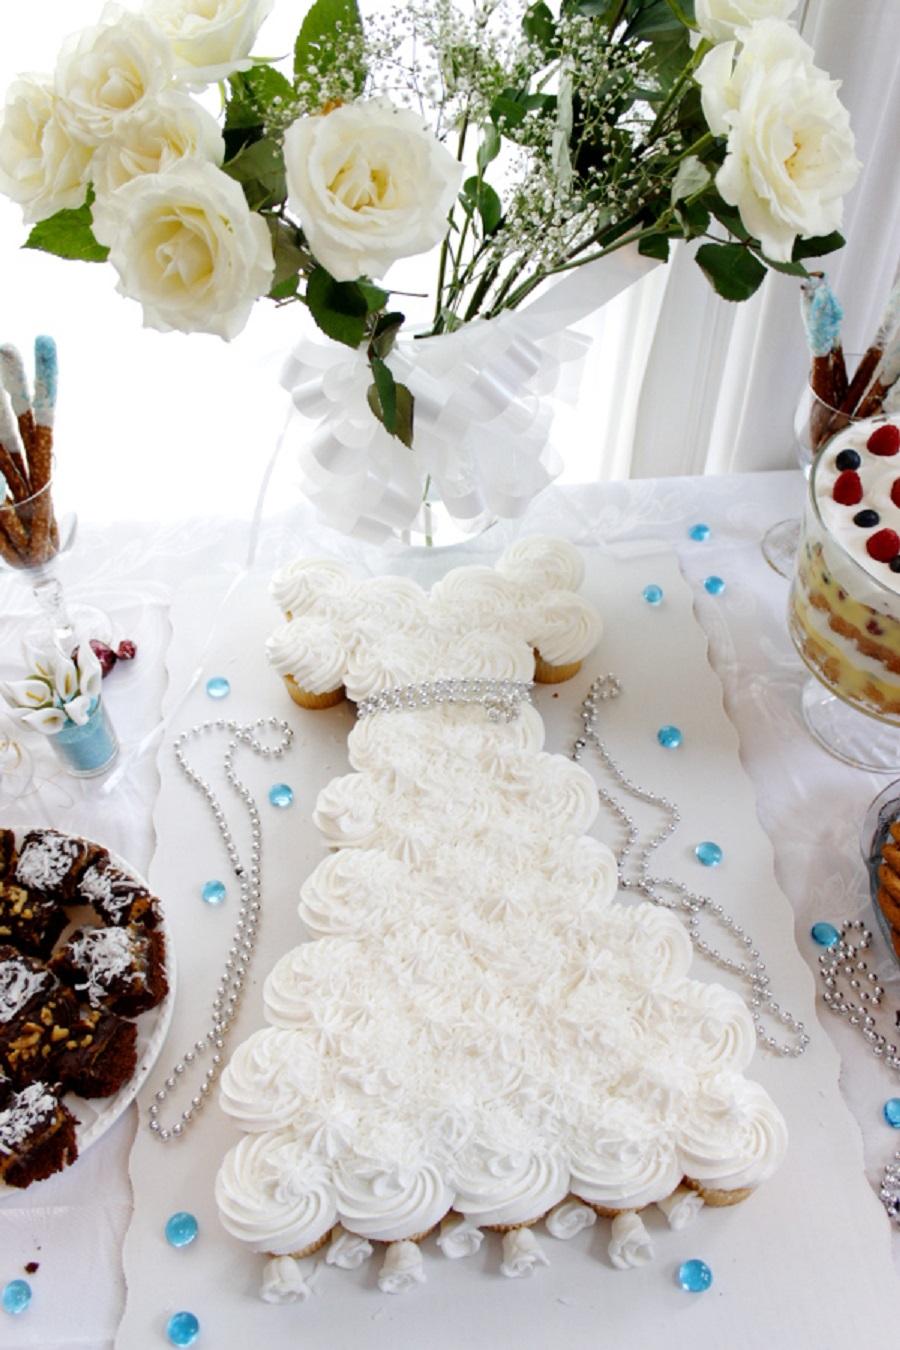 belle vie - my bridal shower! - belle vie